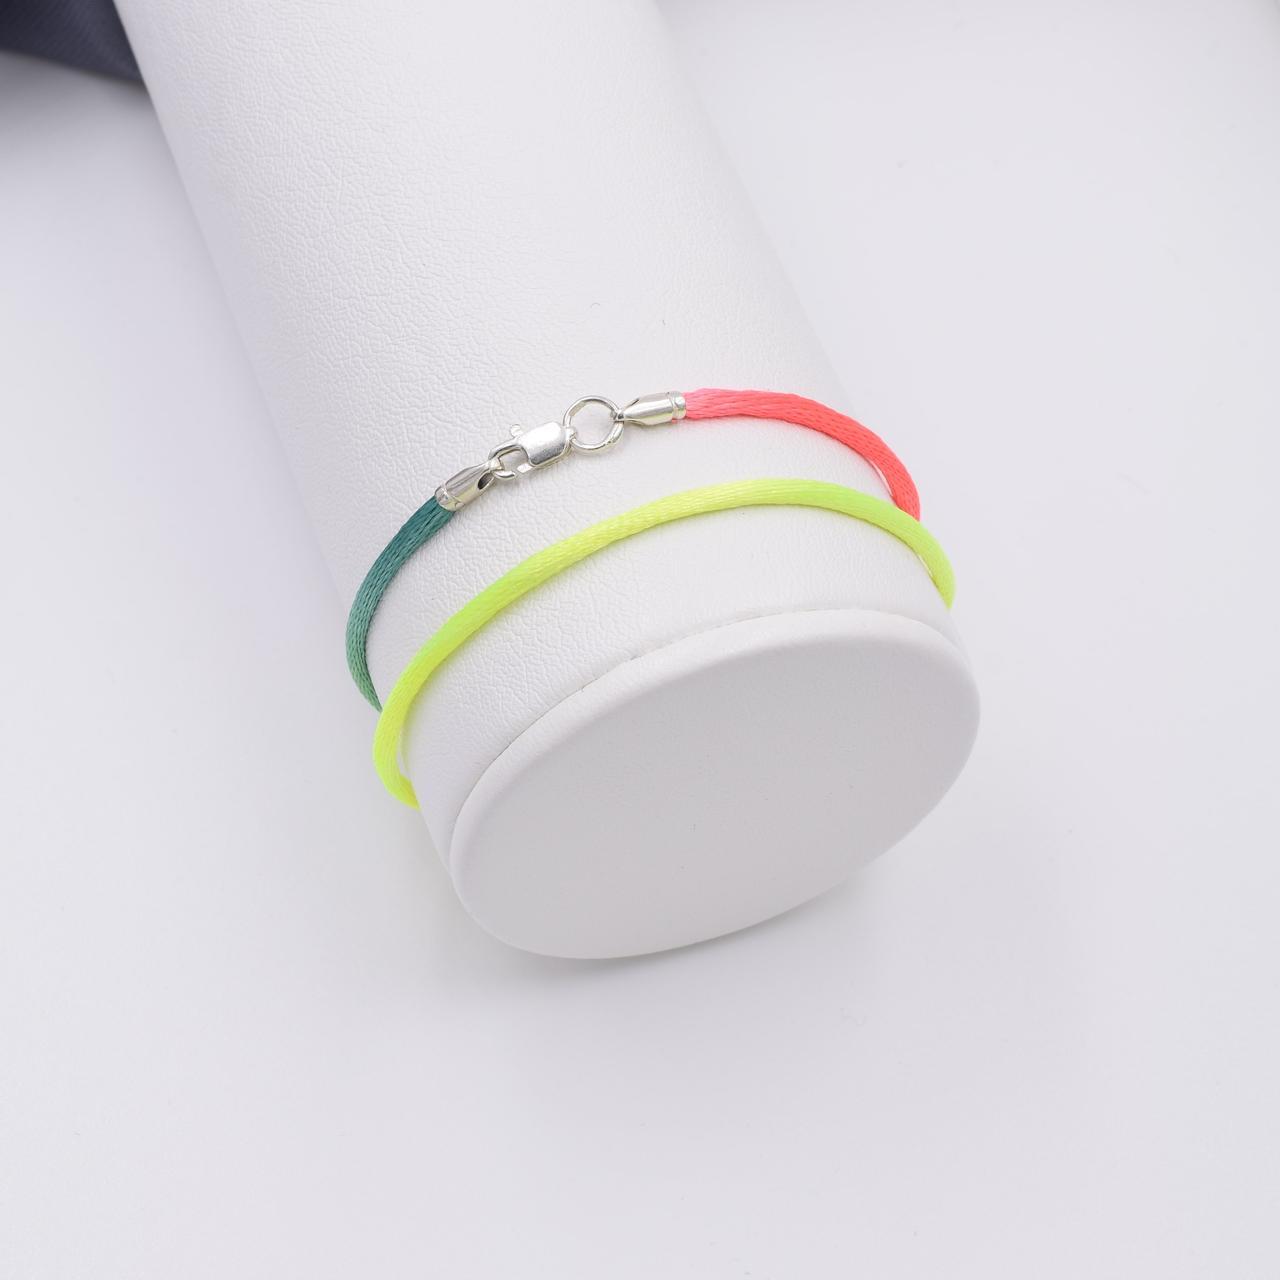 Шнурок шелковый цвет желто-розовый длина 40 см ширина 2 мм вес серебра 0.7 г